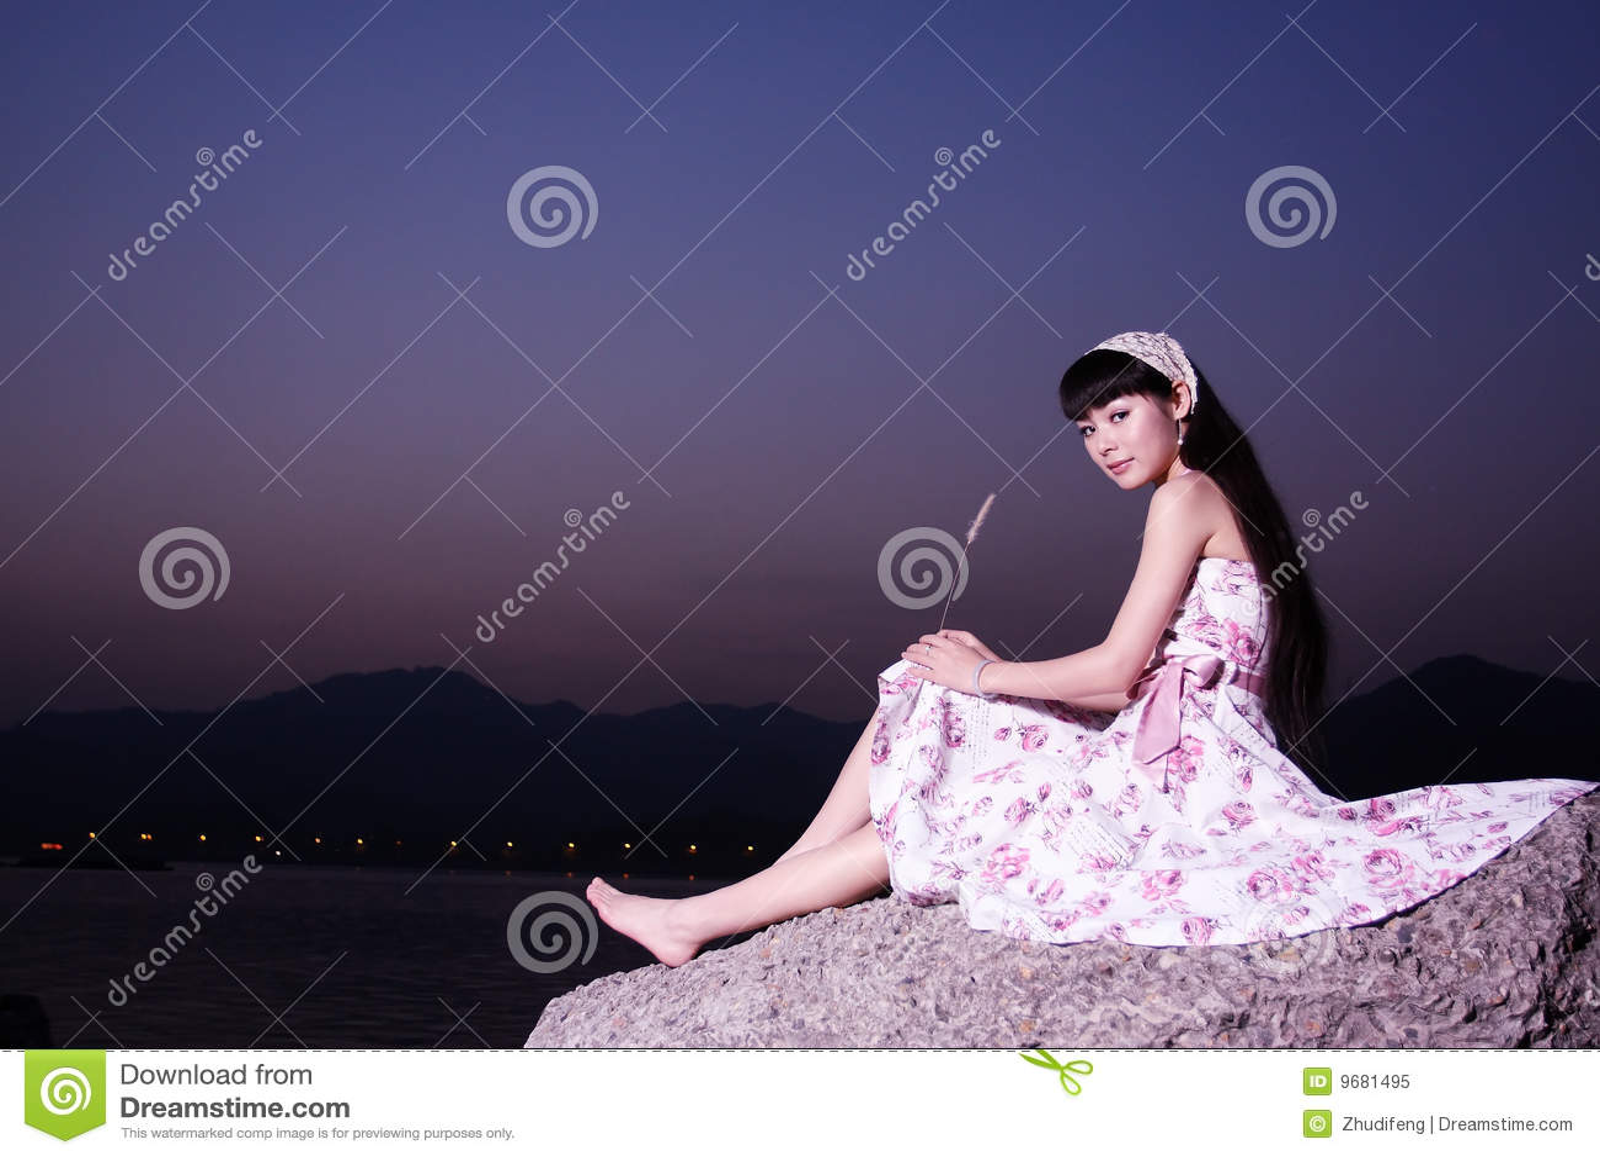 Women relax on rock